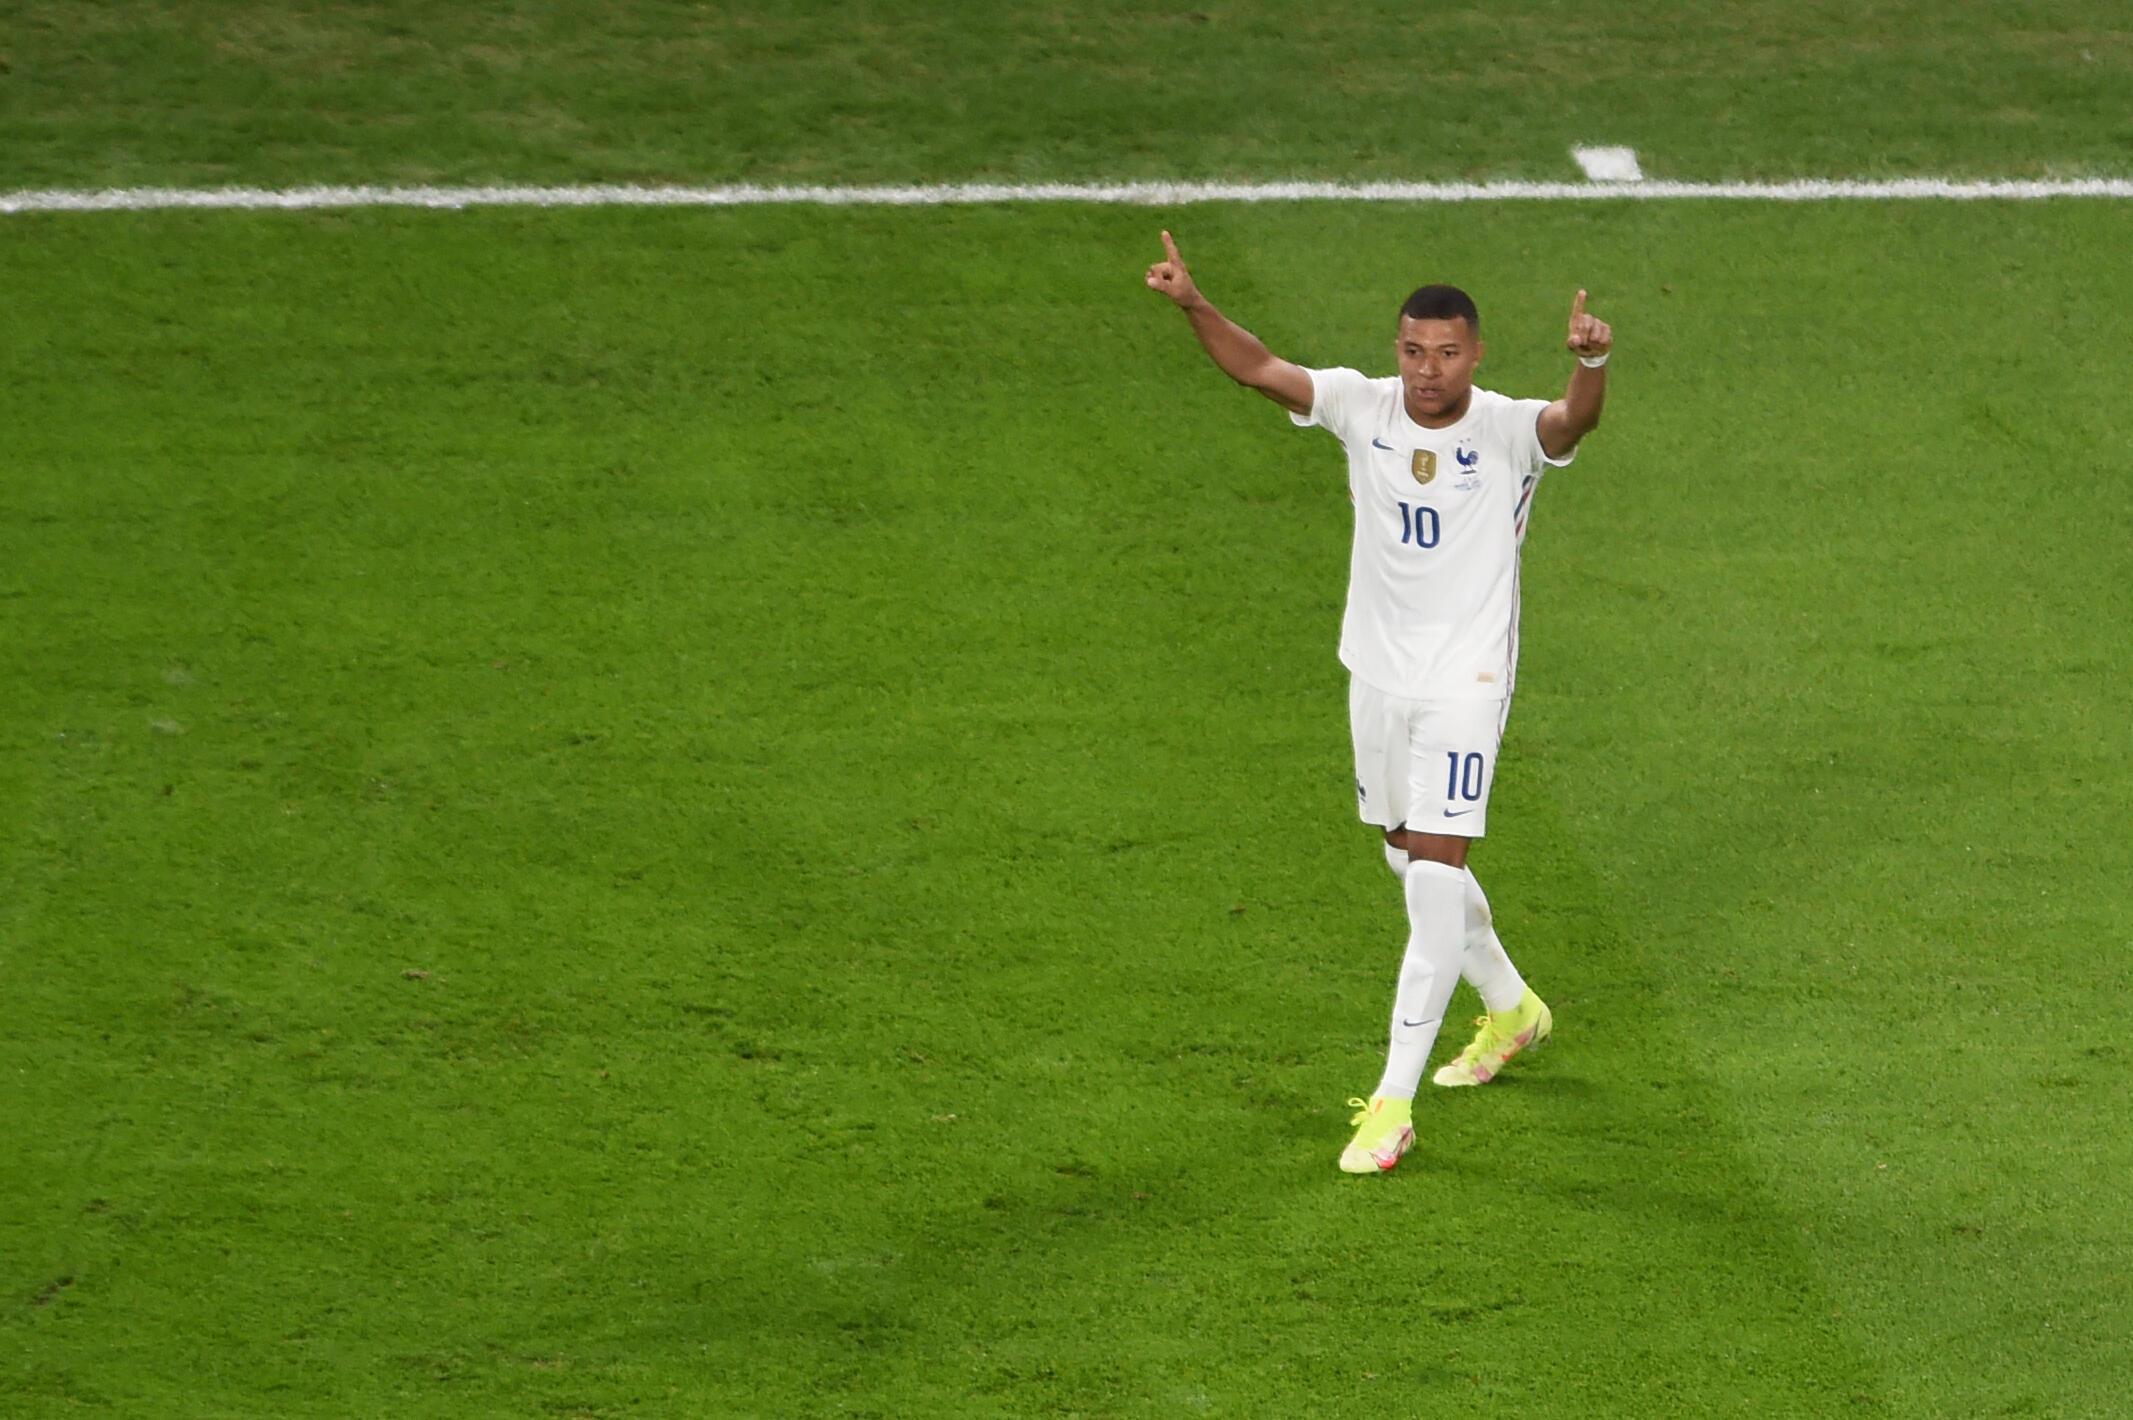 Kylian Mbappé buteur sur l'égalisation de l'équipe de France contre la Belgique à Turin, le 7 octobre 2021